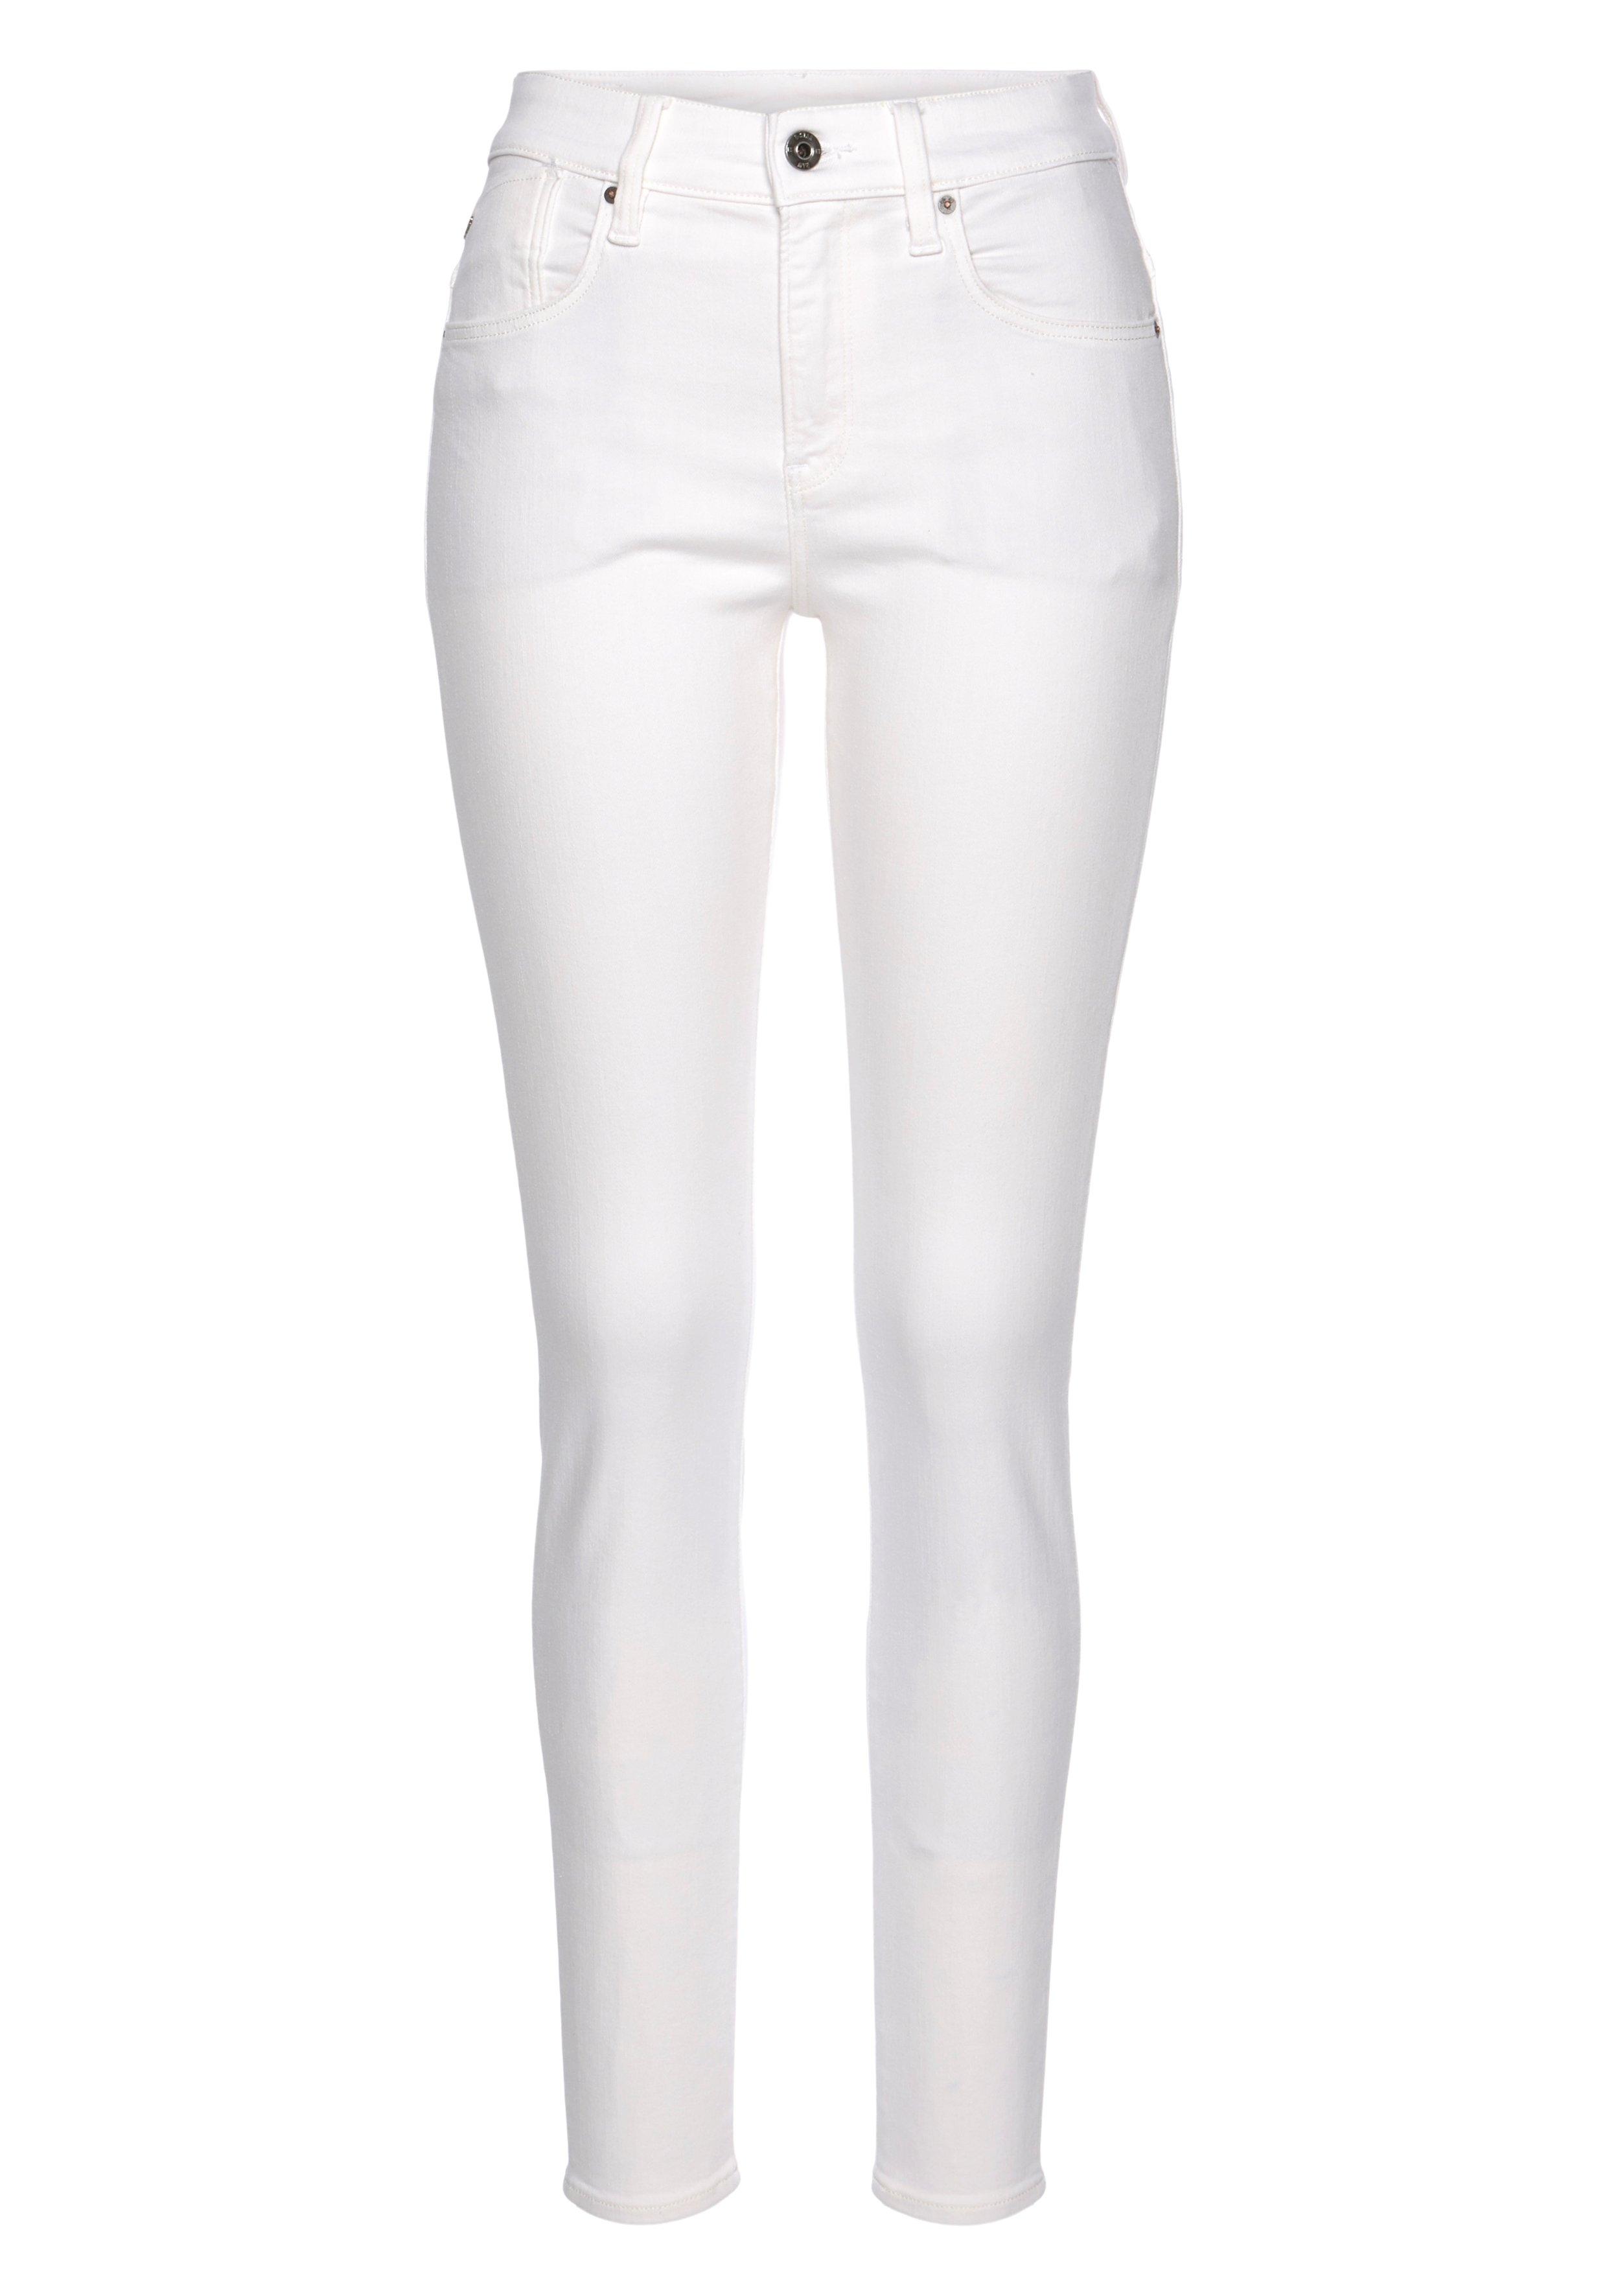 G-Star RAW skinny fit jeans Lhana Skinny Jeans Perfecte pasvorm door het Elastan-aandeel nu online kopen bij OTTO